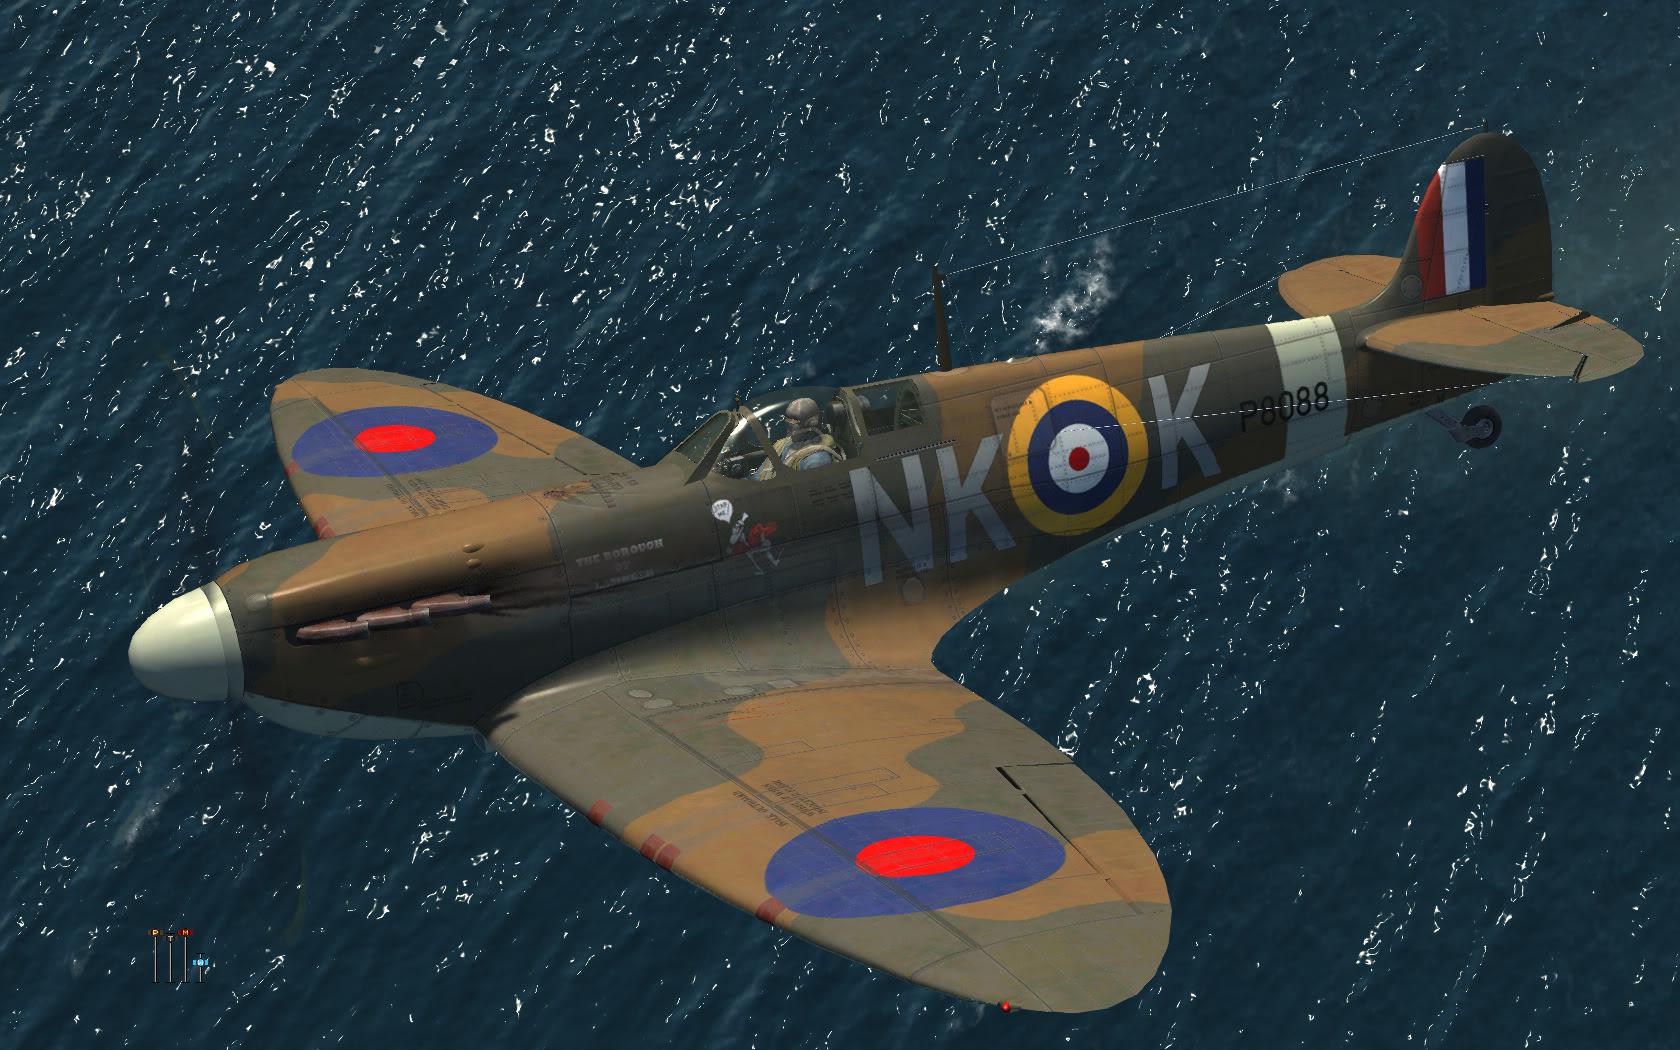 COD KF MkI RAF 118Sqn NKK P8088 Lumsden in Ibsley May 1941 V0A